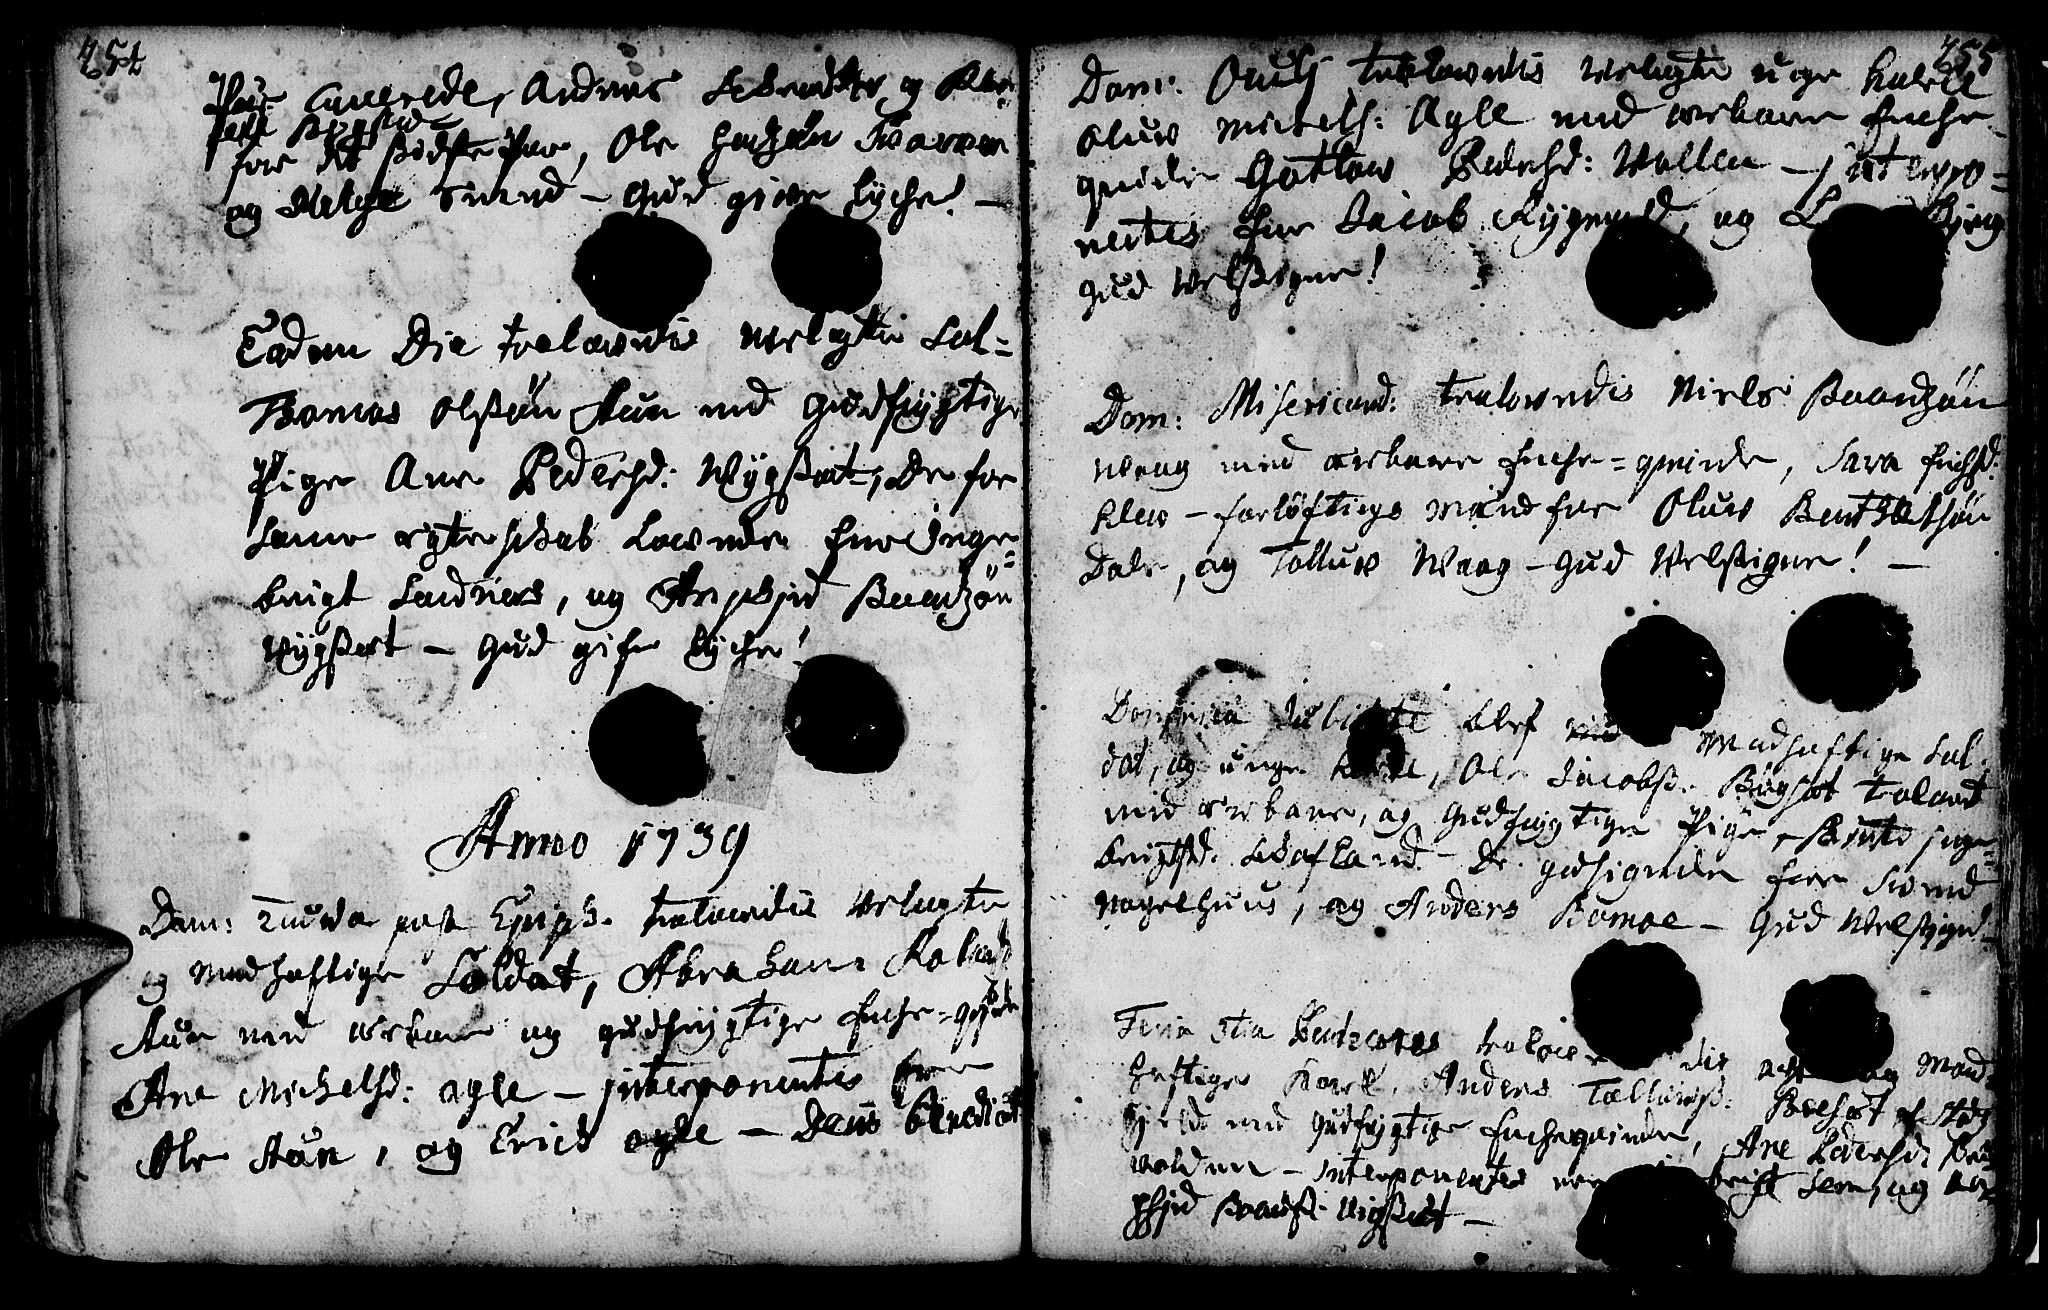 SAT, Ministerialprotokoller, klokkerbøker og fødselsregistre - Nord-Trøndelag, 749/L0467: Ministerialbok nr. 749A01, 1733-1787, s. 254-255